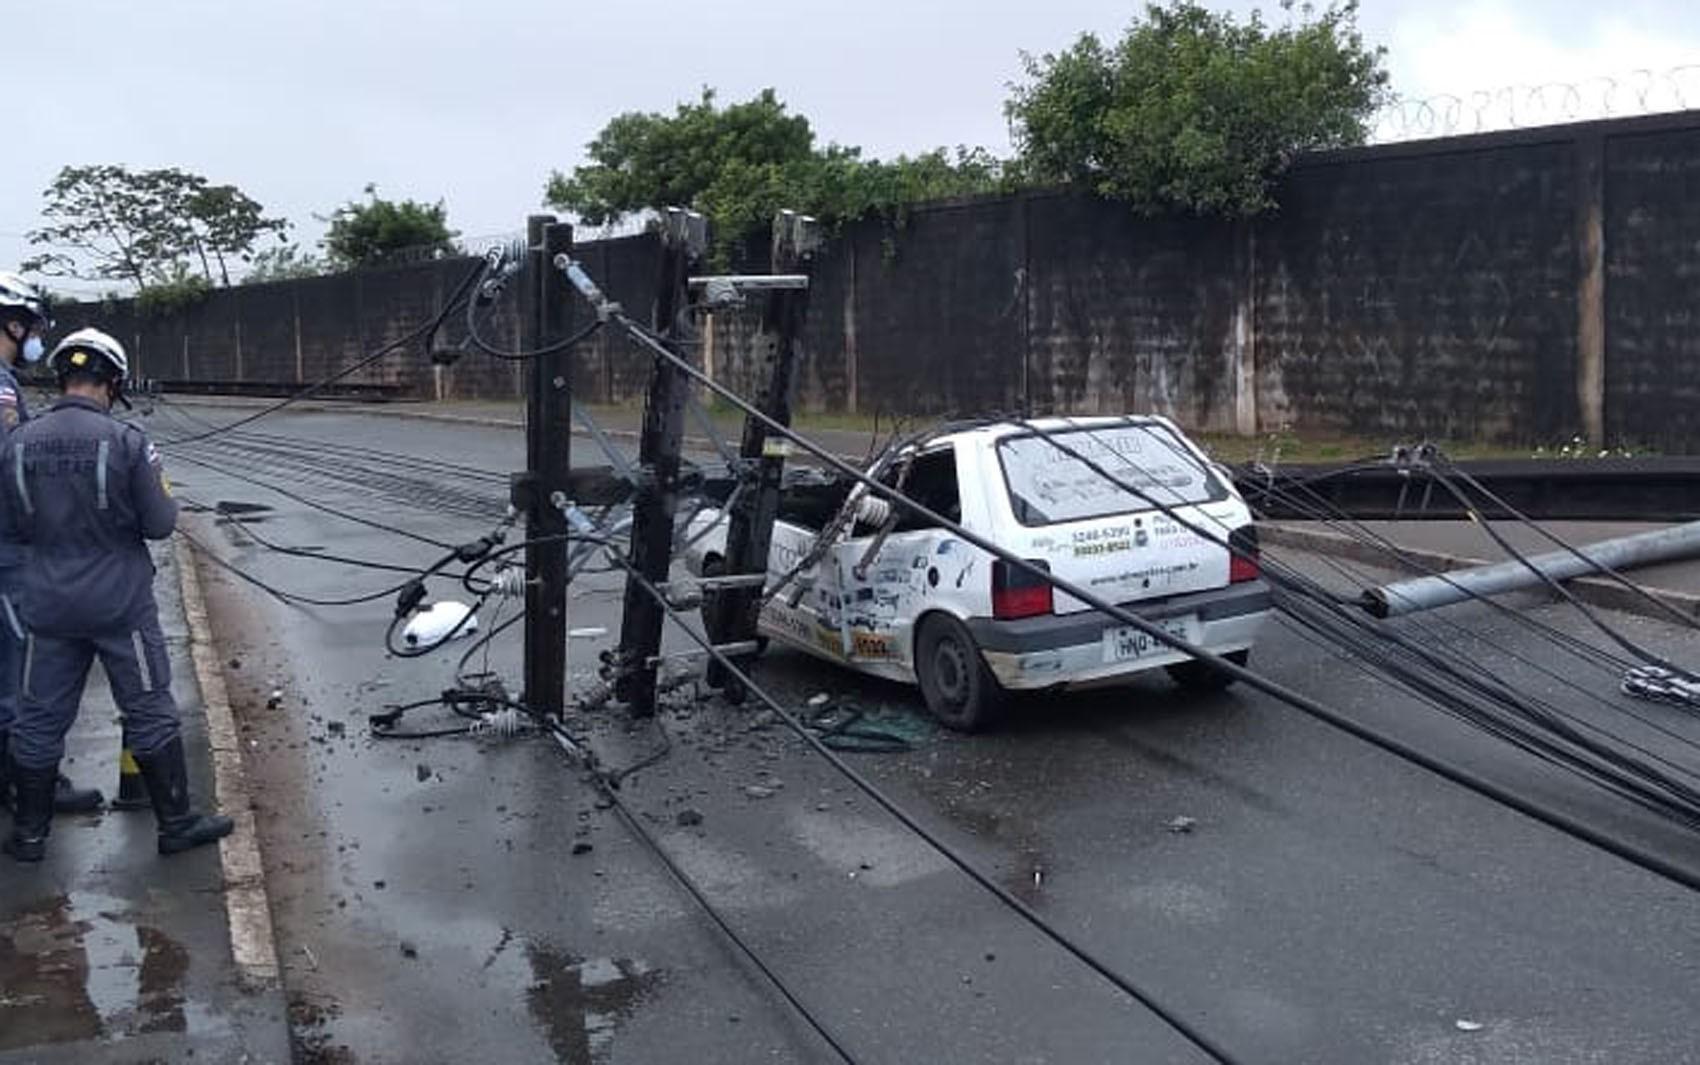 Poste cai em cima de carro no bairro de Pirajá e motorista fica preso dentro do veículo